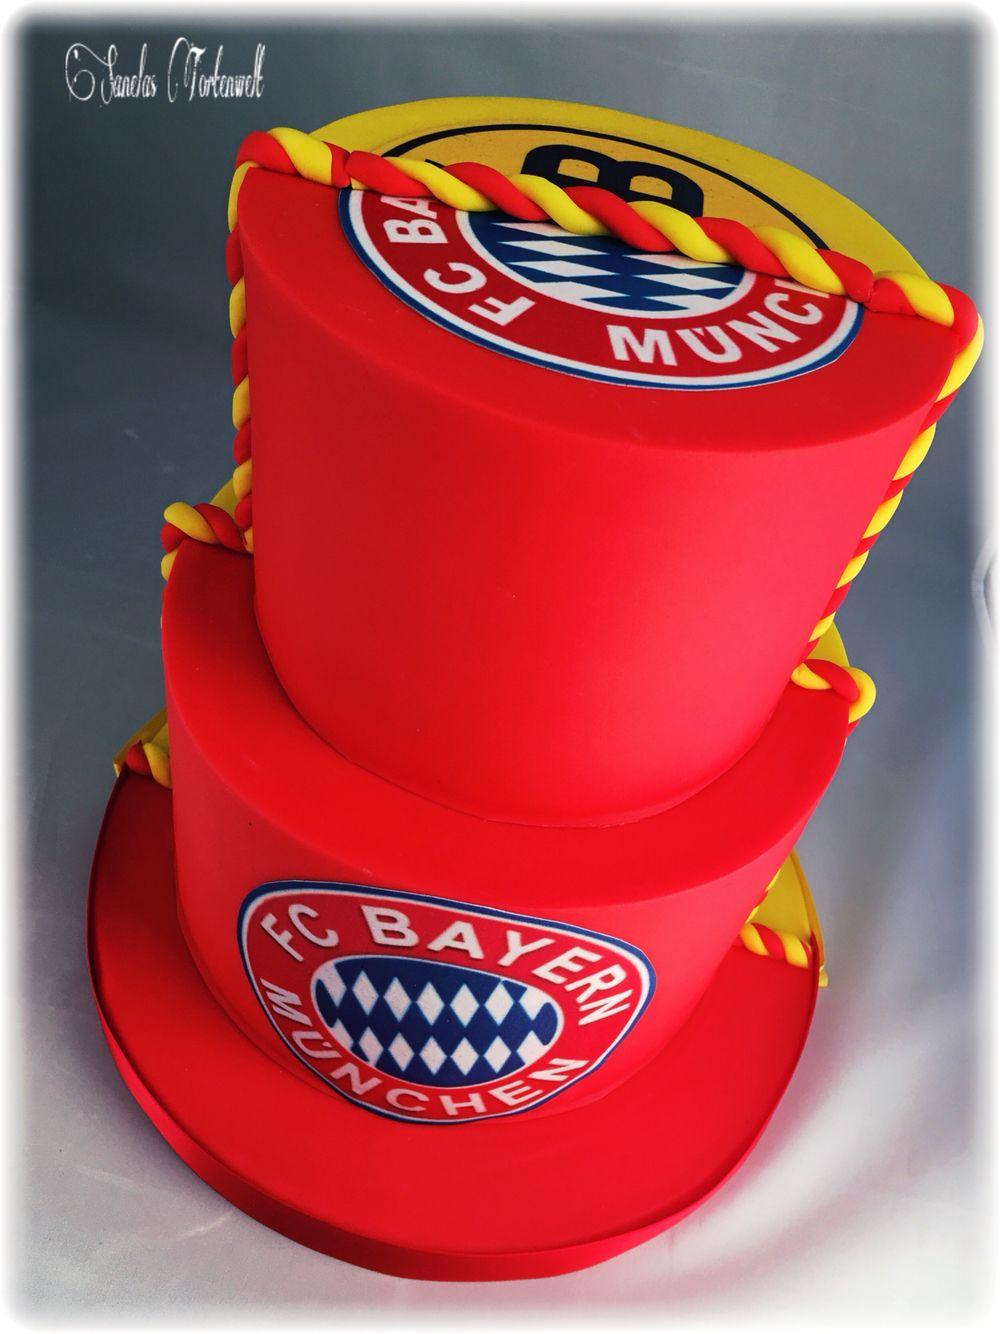 FC Bayern München Cake / FC Bayern München Torte